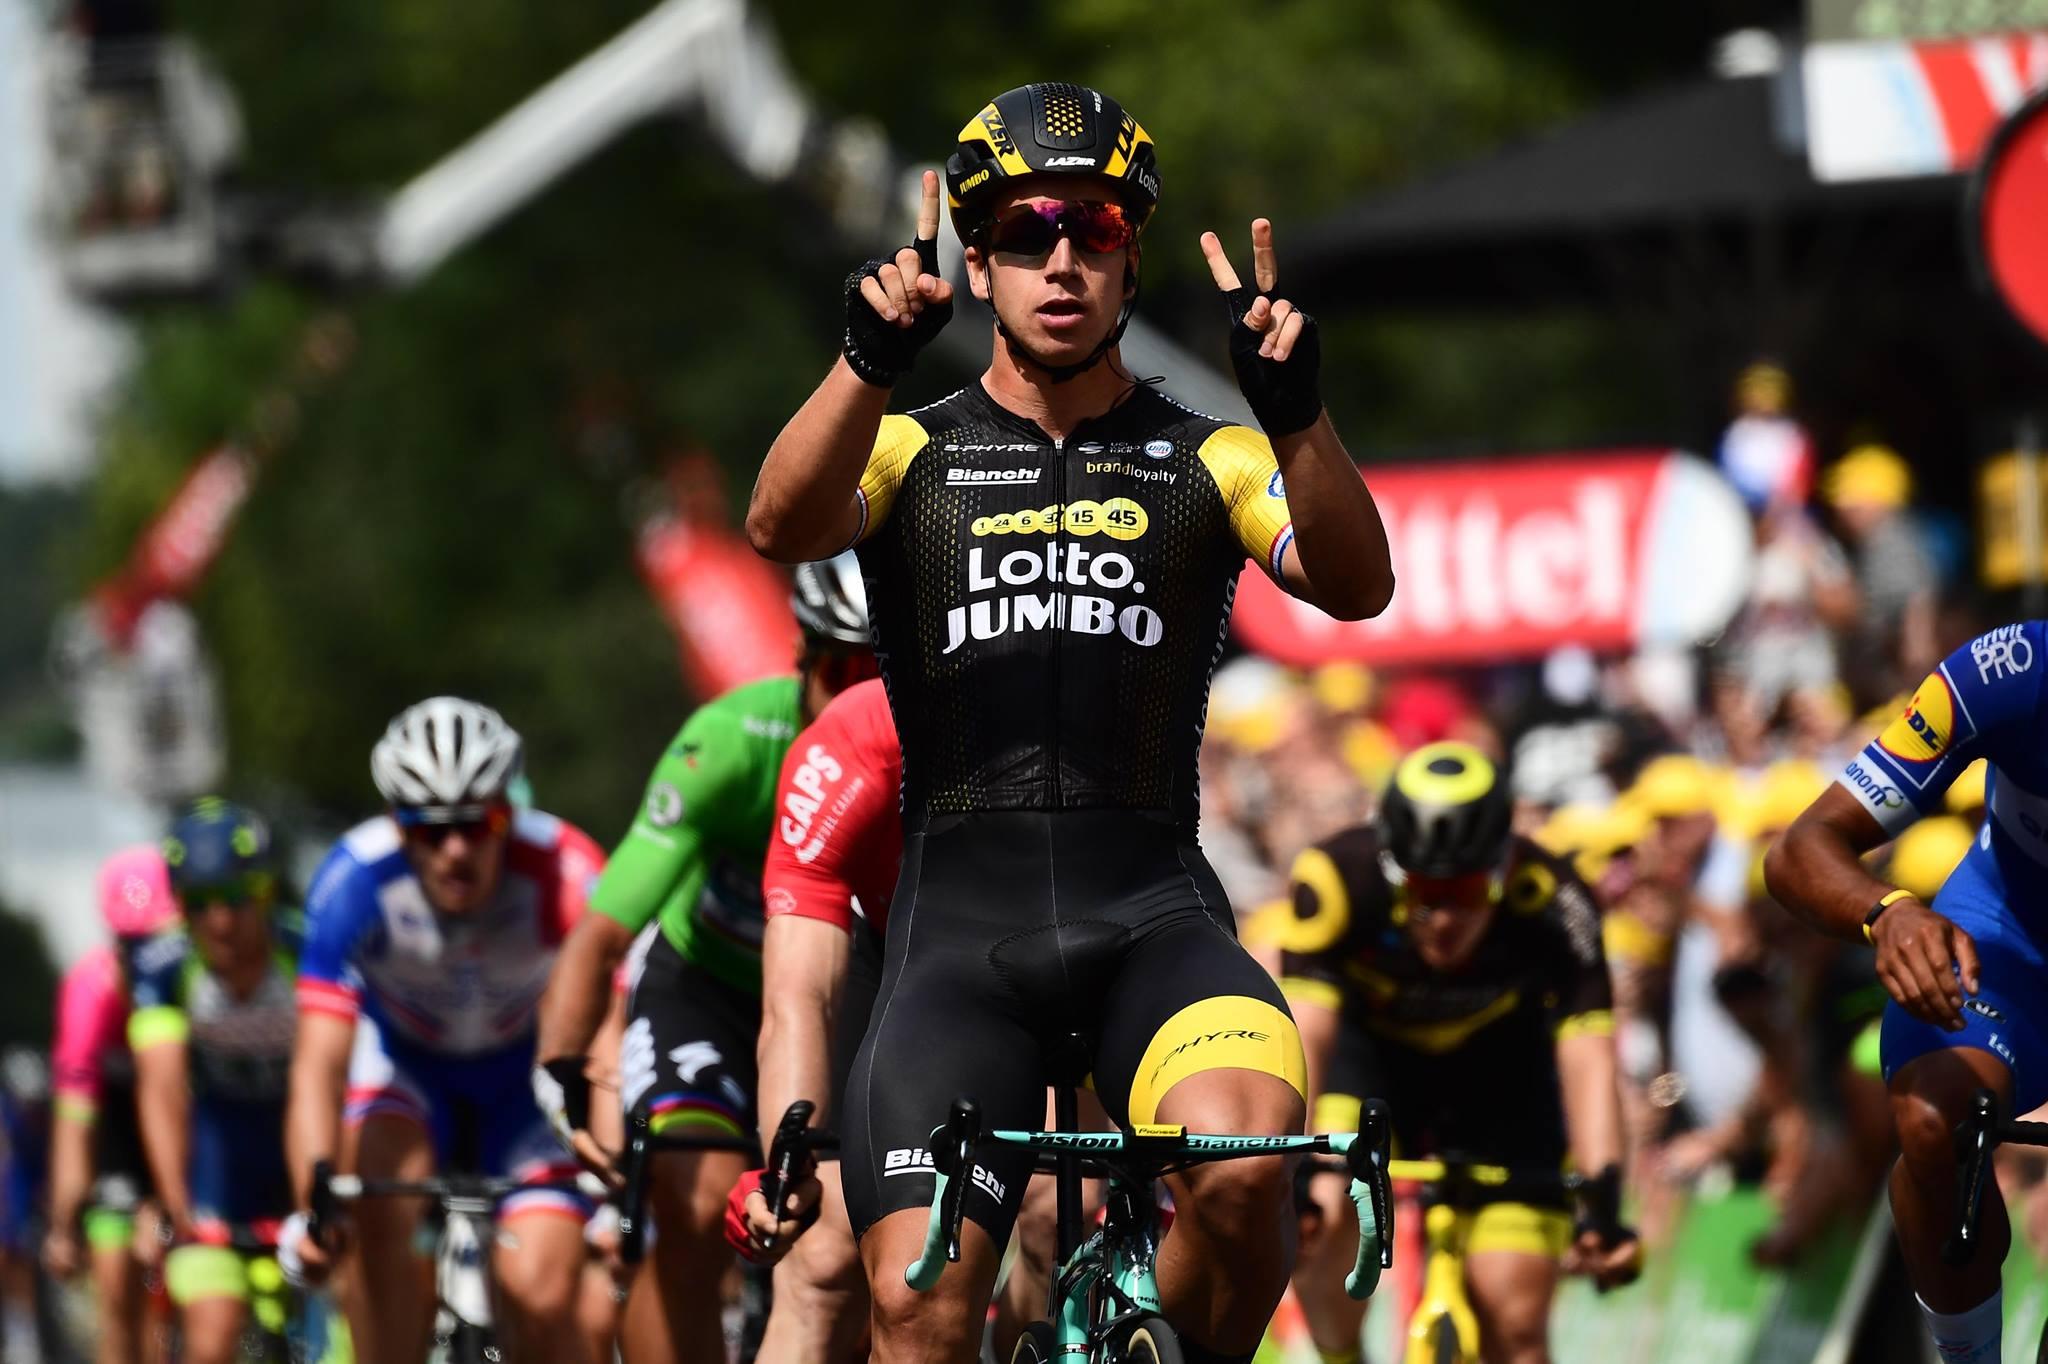 Dylan Groenewegen vince l'ottava tappa del Tour de France 2018